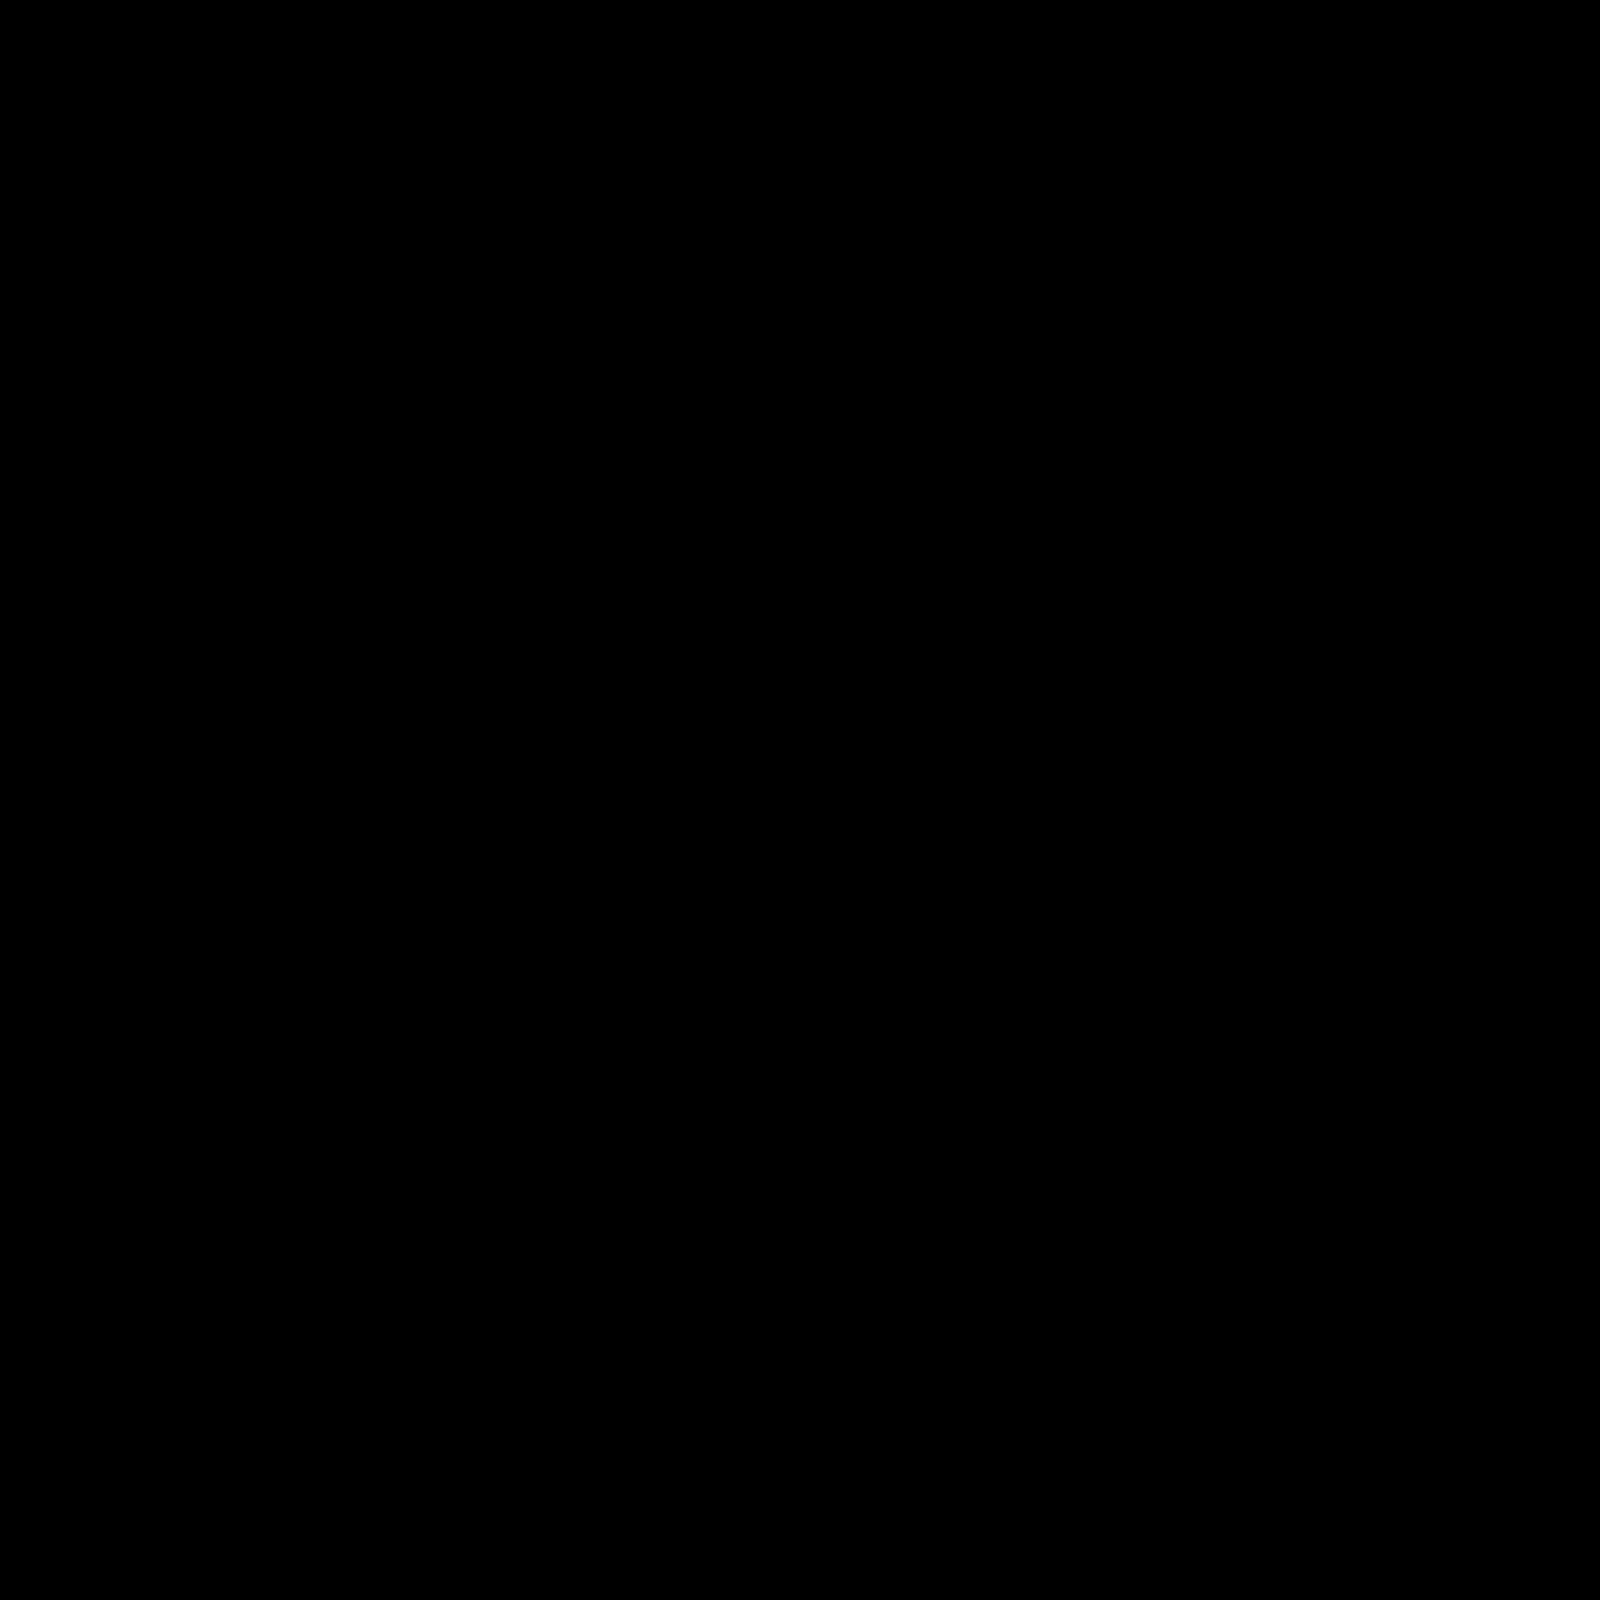 角丸 icon